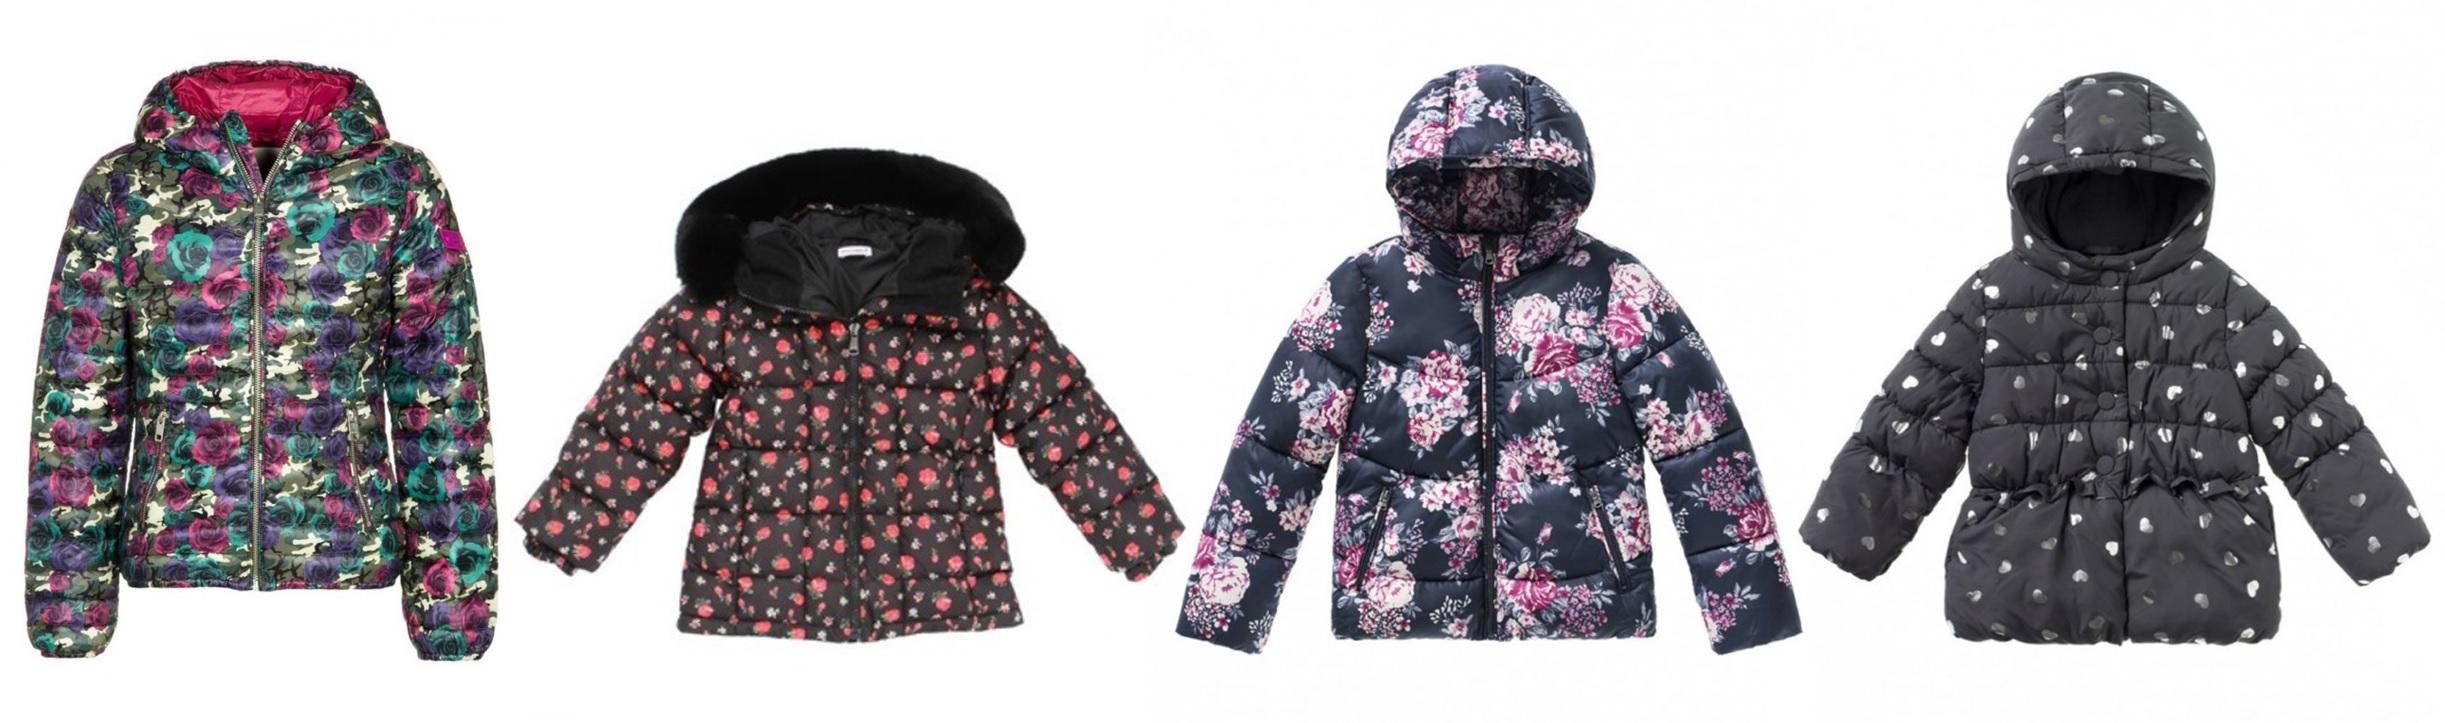 Piumini per bambini  i modelli più fashion dell inverno 2016 a7e8490e0743